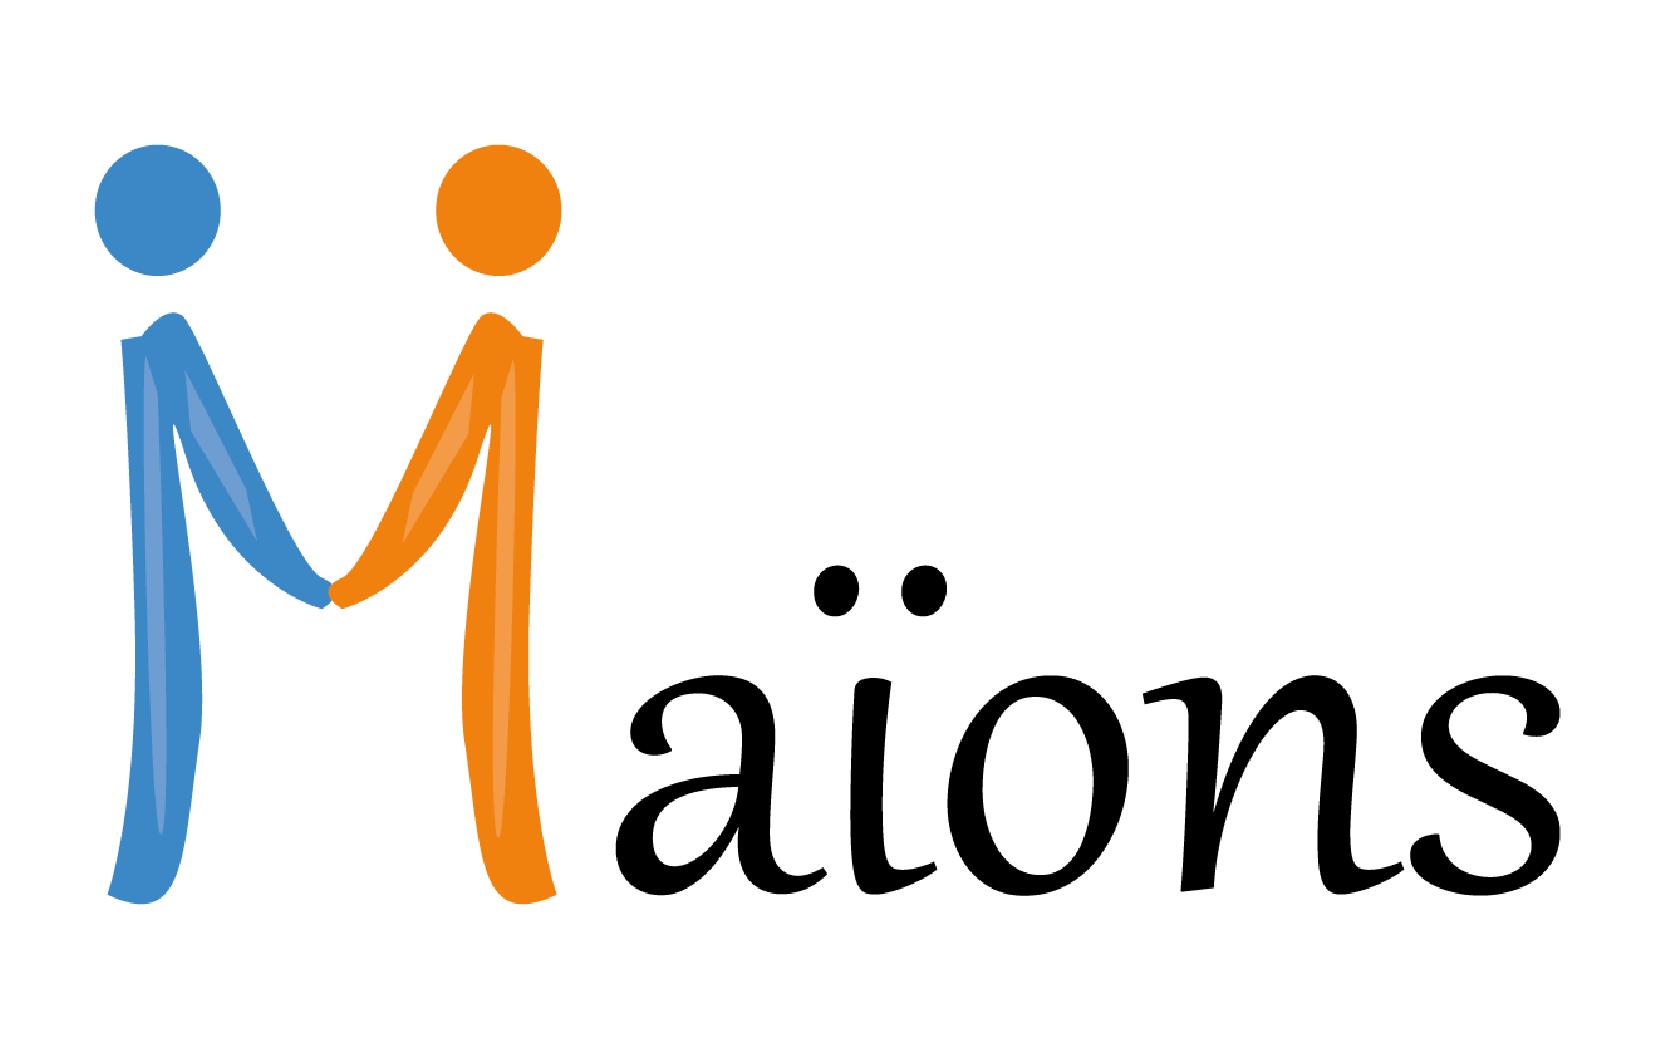 Logo réalisé par Julie Laluque, chargée de communication indépendante à Bordeaux